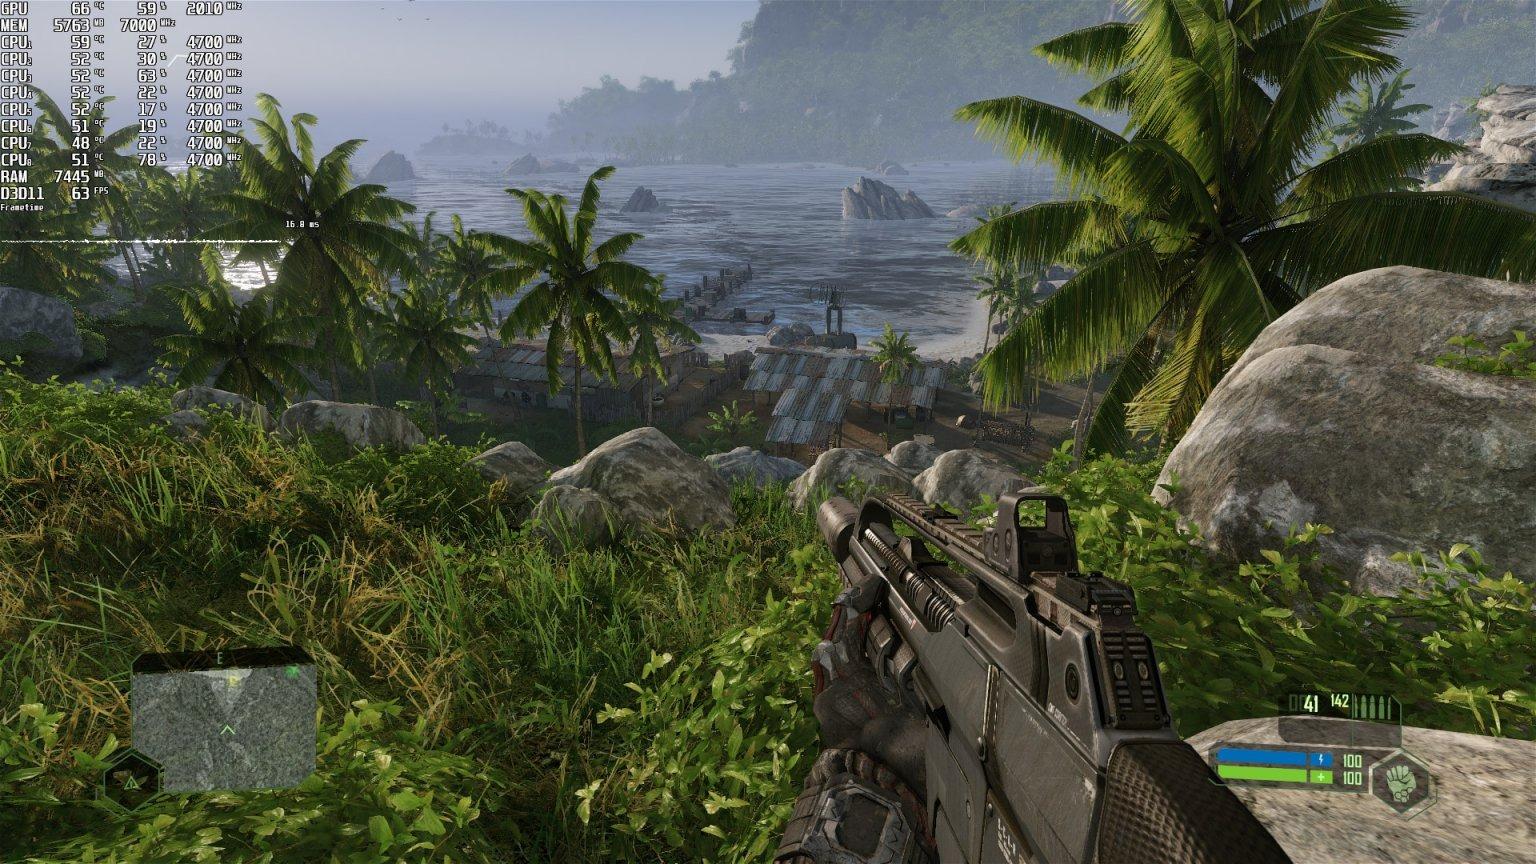 与原版一样《孤岛危机:重制版》存在单线程CPU问题